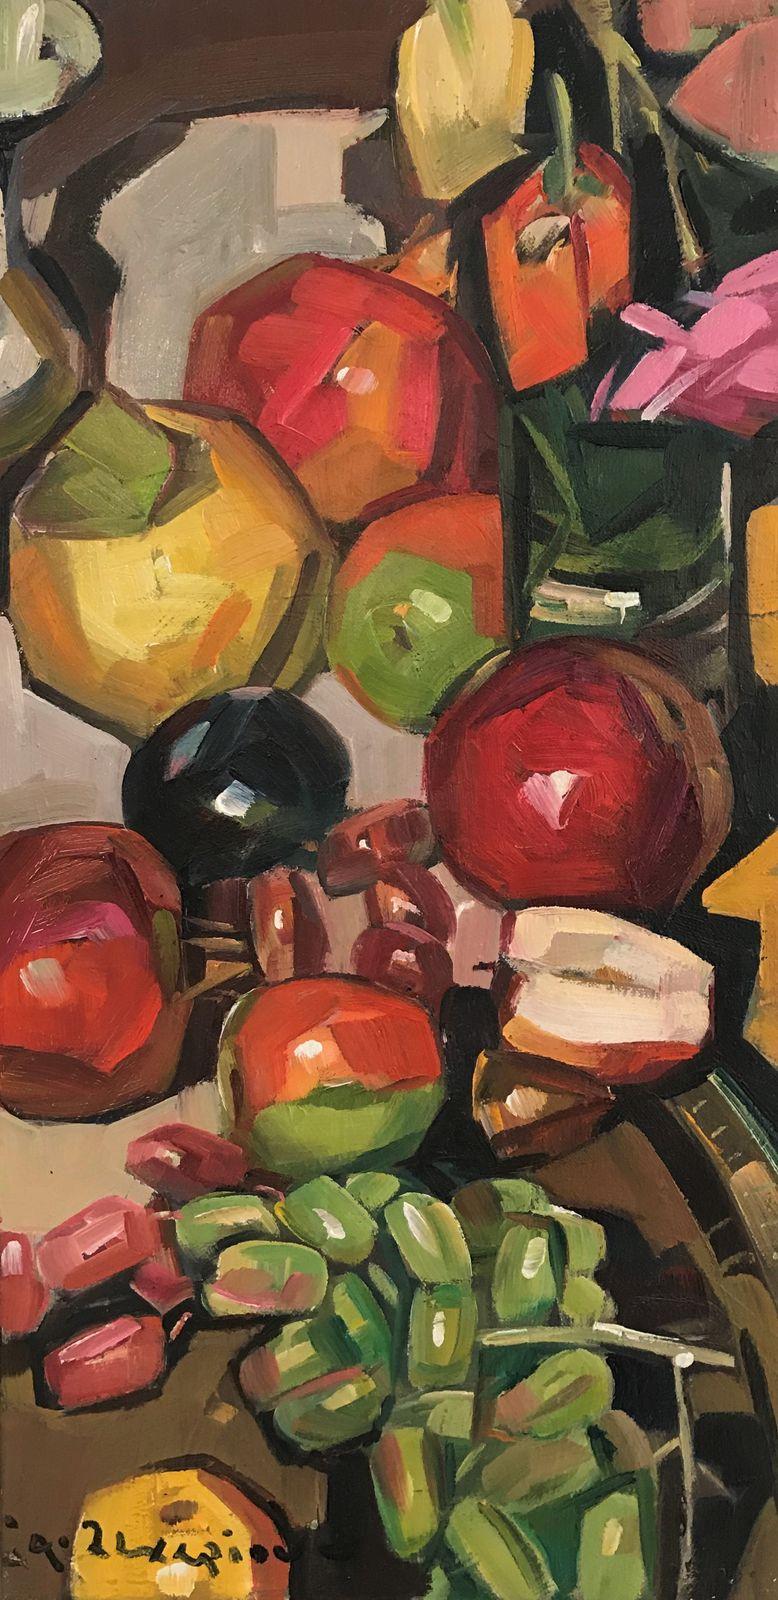 Θανάσης Ζαχαρίου 30×60 Λάδια σε καμβά Thanassis Zachariou 30×60 cm Oils on canvas